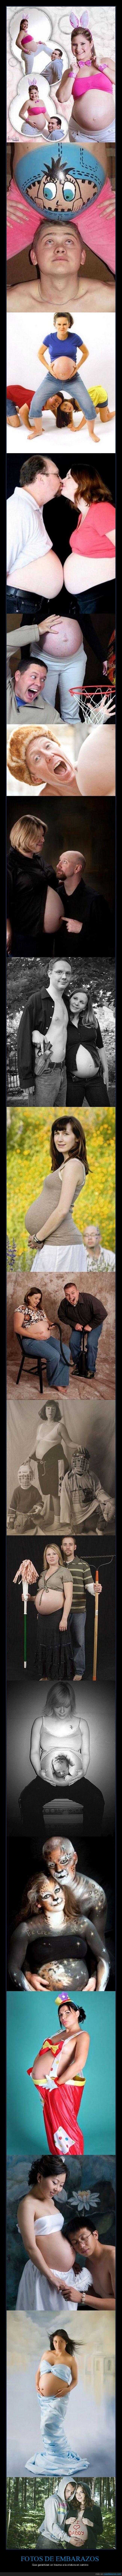 embarazadas,embarazos,fotografías,wtf